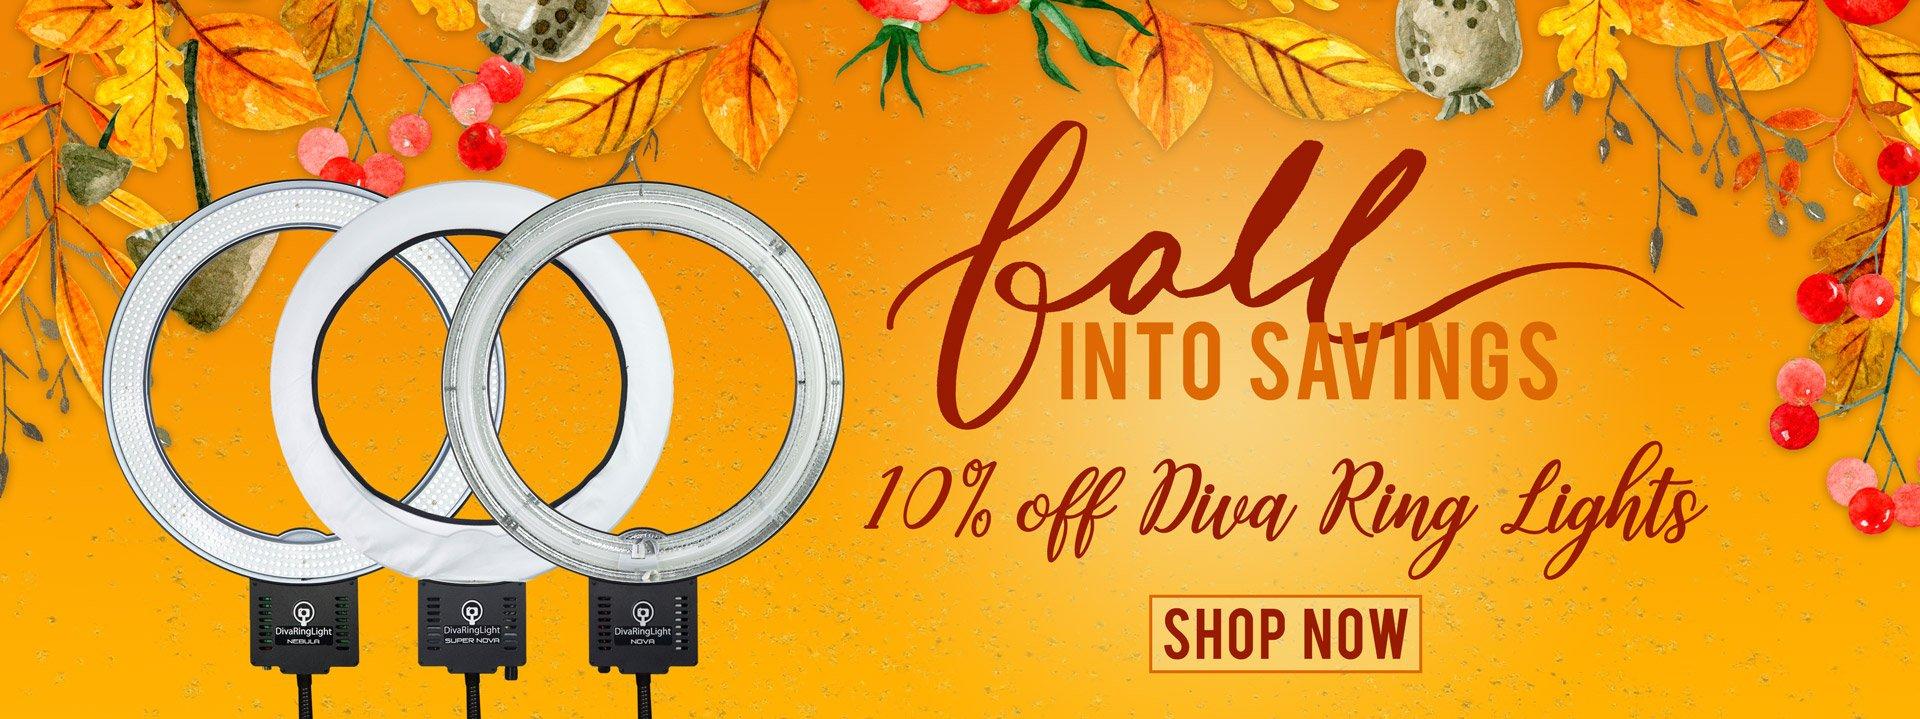 10% Off Diva Ring Lights